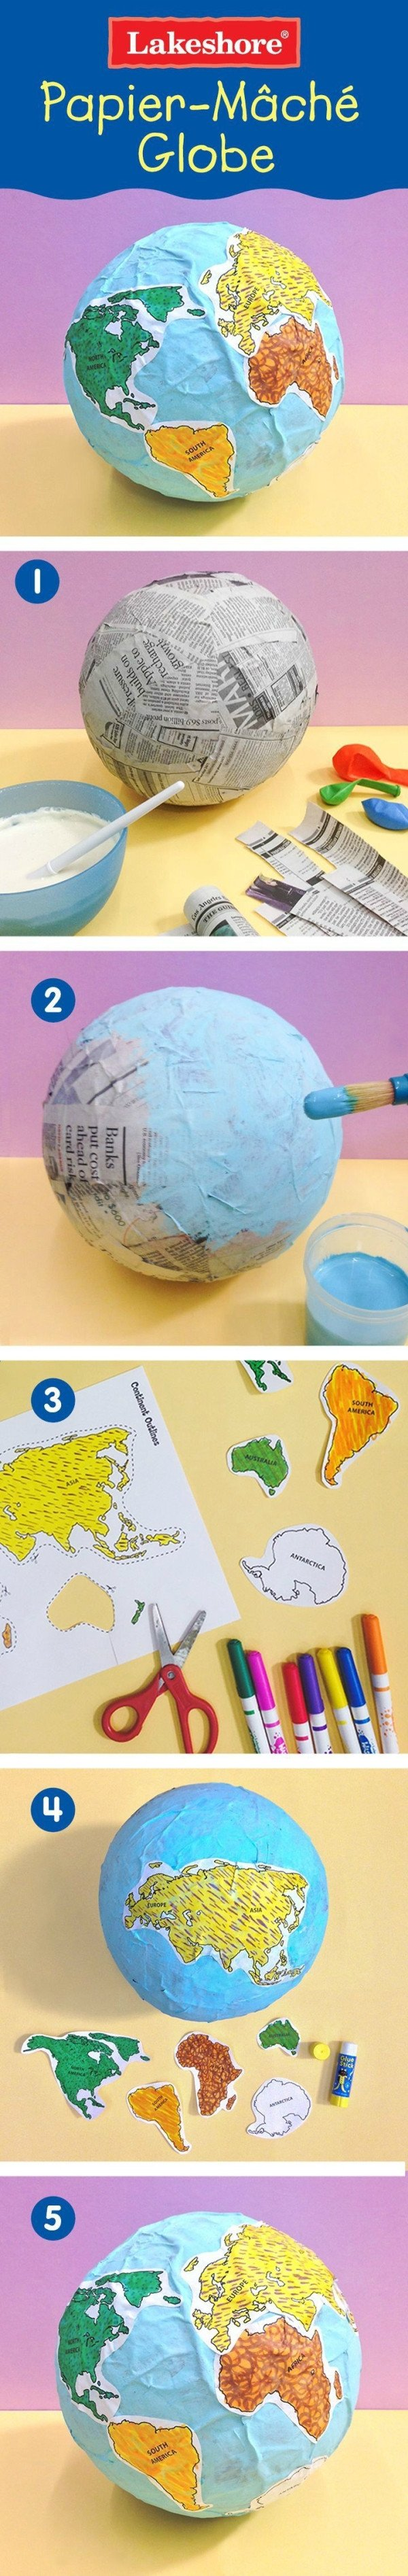 Continent Templates for Globe Papier Mâché Globe with Free Printable Continent Template